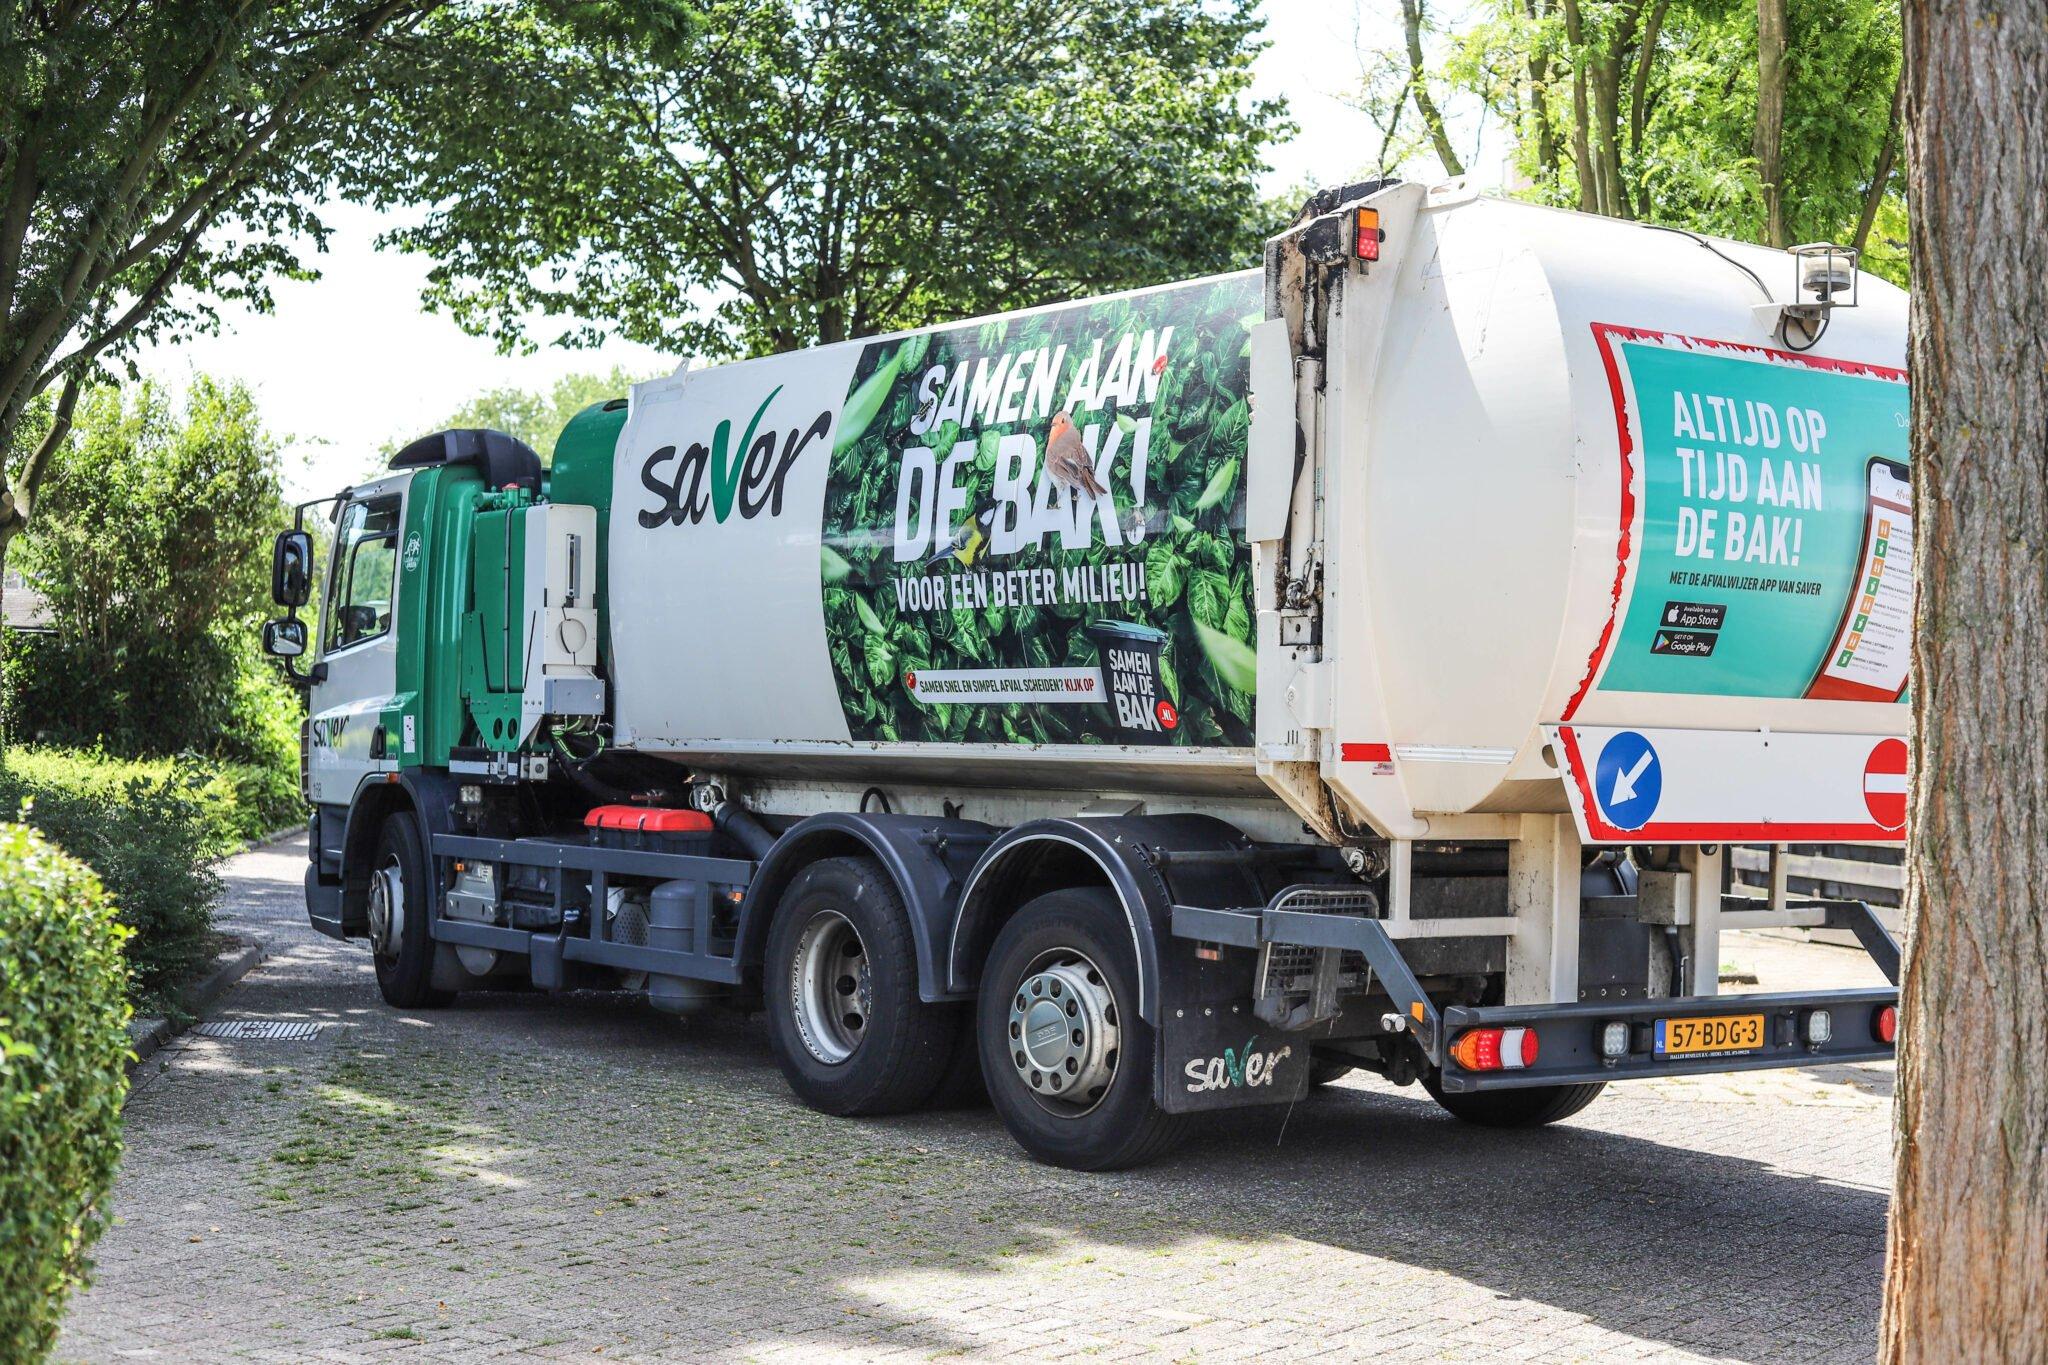 gft-container Bergen op Zoom Samen aan de bak vuilnisbak container kliko papierbak papier blauwe bak afval oud papier saver vuilniswagen samenaandebak.nl